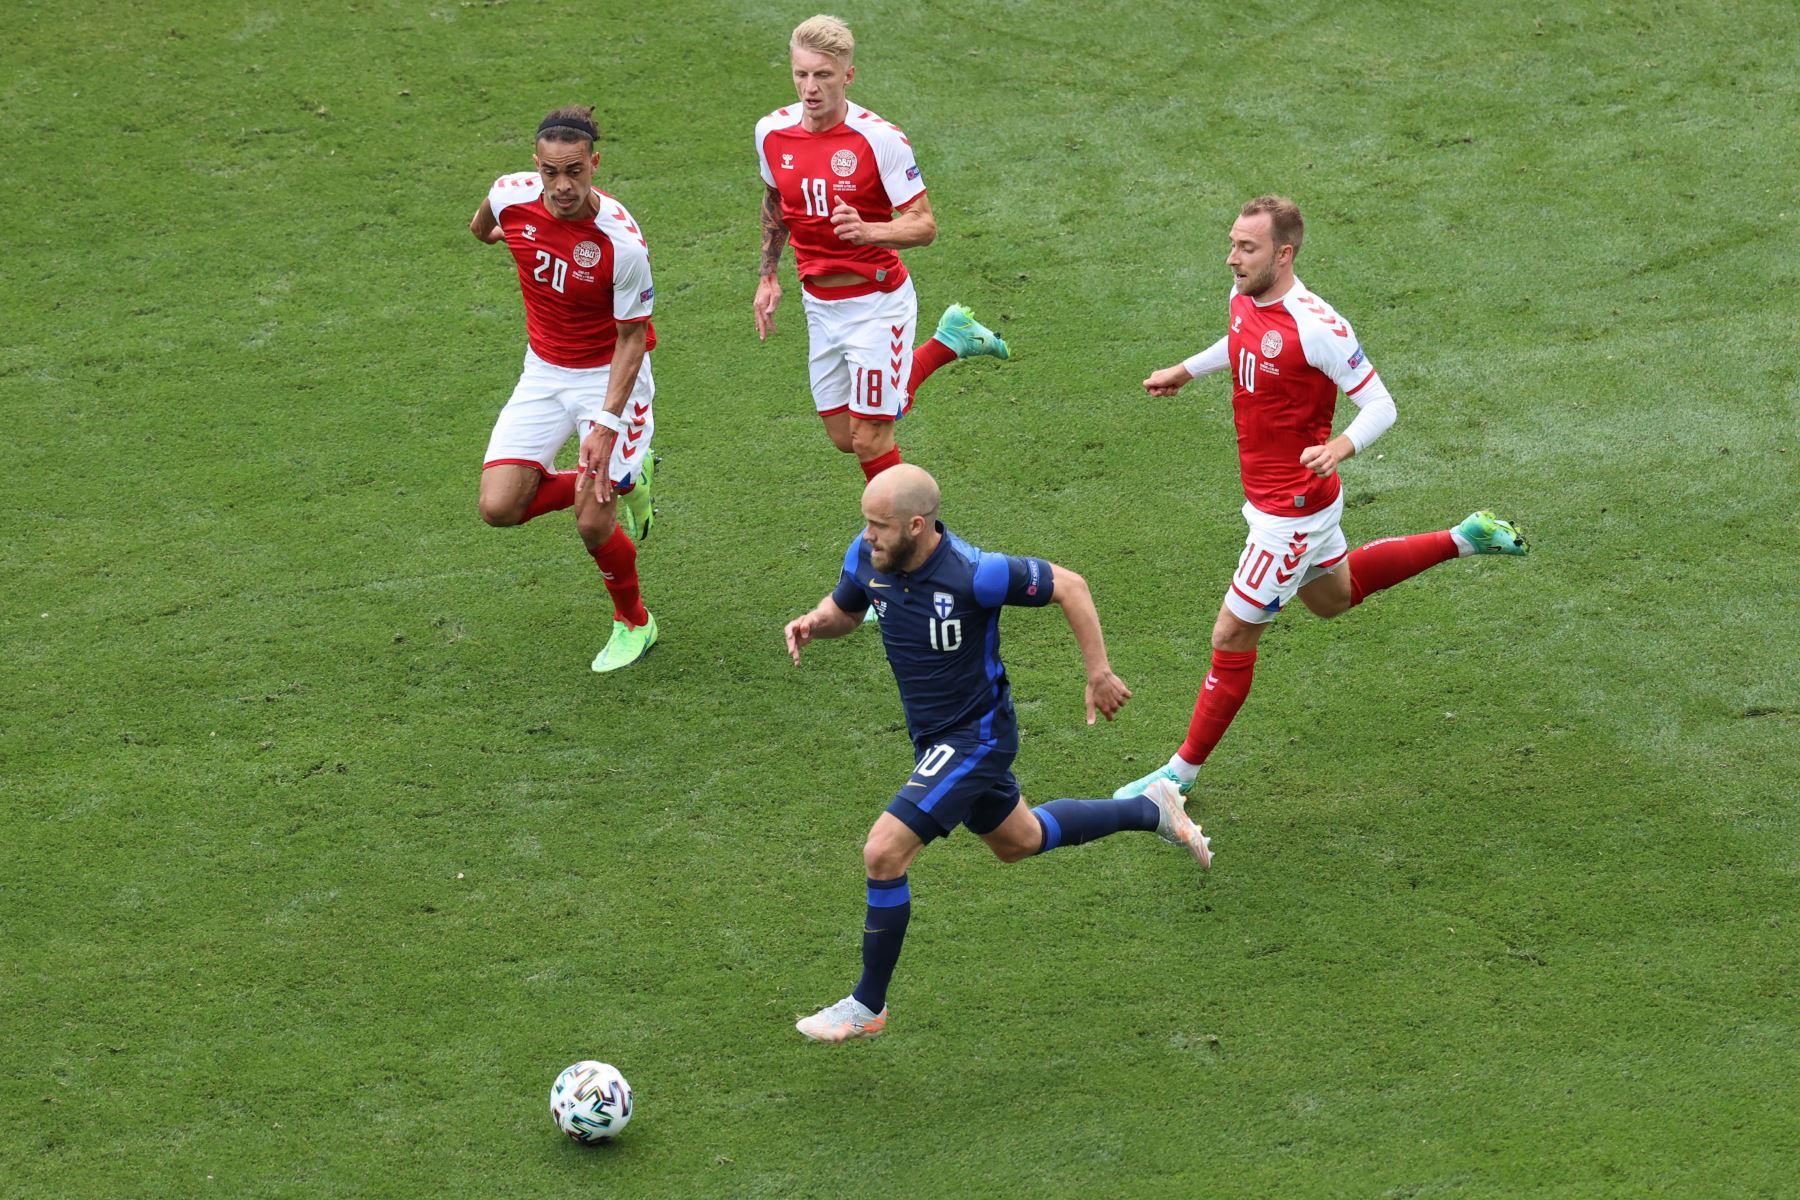 El delantero de Finlandia Teemu Pukki corre con el balón pasando (atrás LR) El delantero de Dinamarca Yussuf Poulsen, el defensor de Dinamarca Daniel Wass y el mediocampista de Dinamarca Christian Eriksen durante el partido de fútbol del Grupo B de la UEFA EURO 2020 entre Dinamarca y Finlandia. Foto: AFP